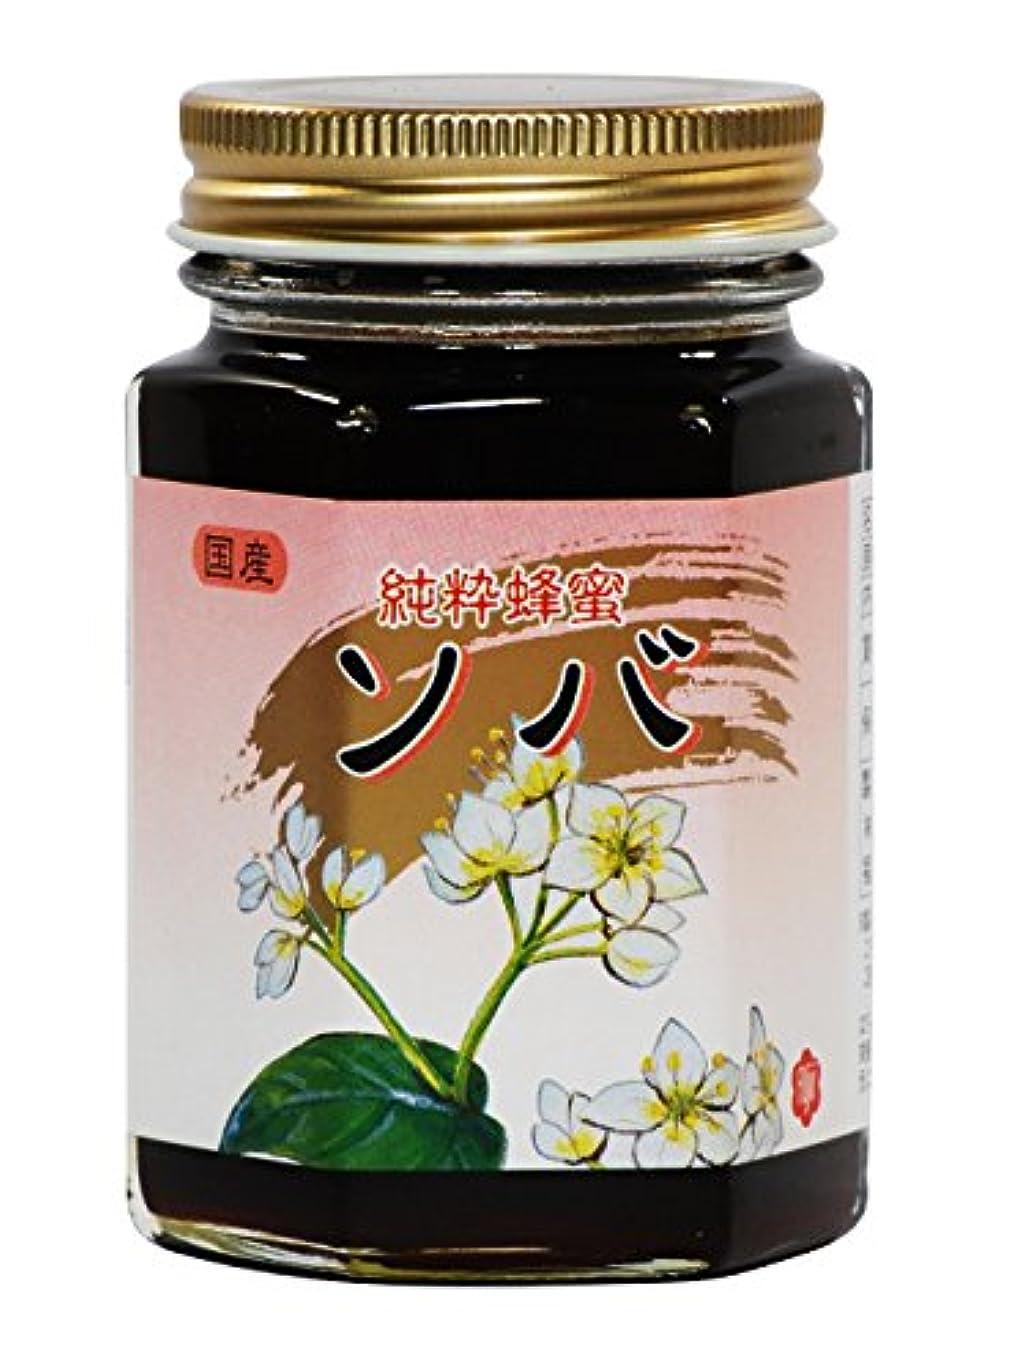 賢明な存在する幸運なことに藤井養蜂場 国産ソバはちみつ 180g